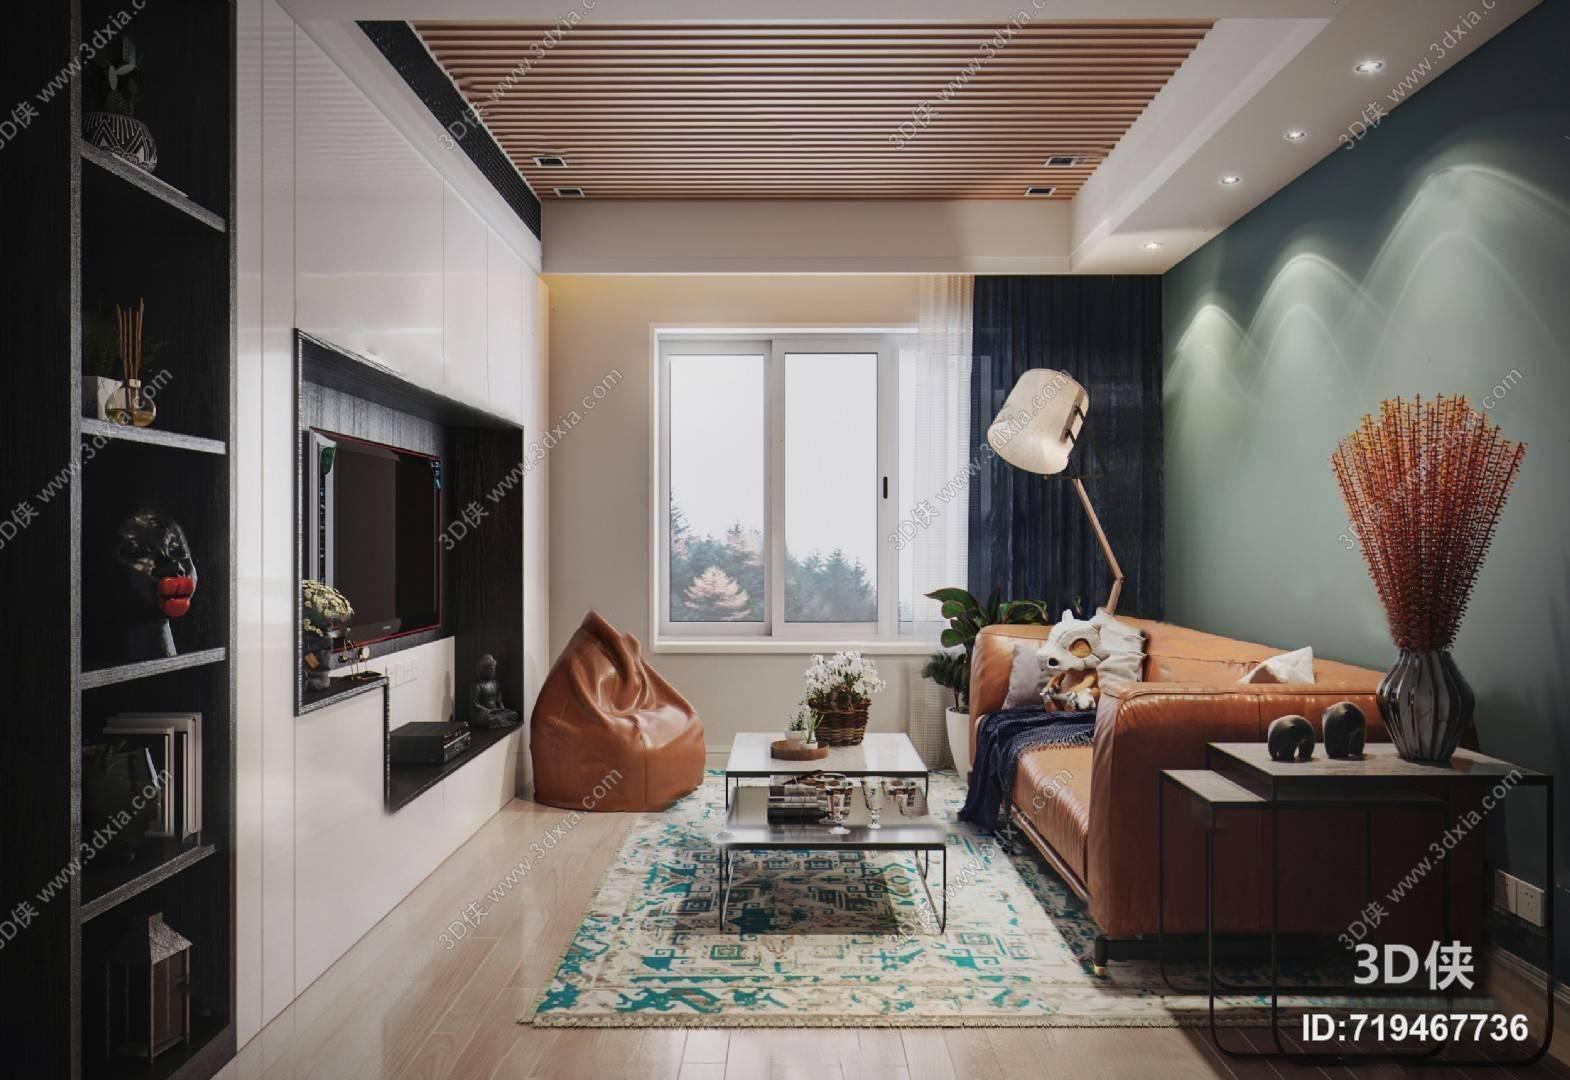 现代客厅3D模型 沙发 茶几 背景墙 置物架 懒人沙发